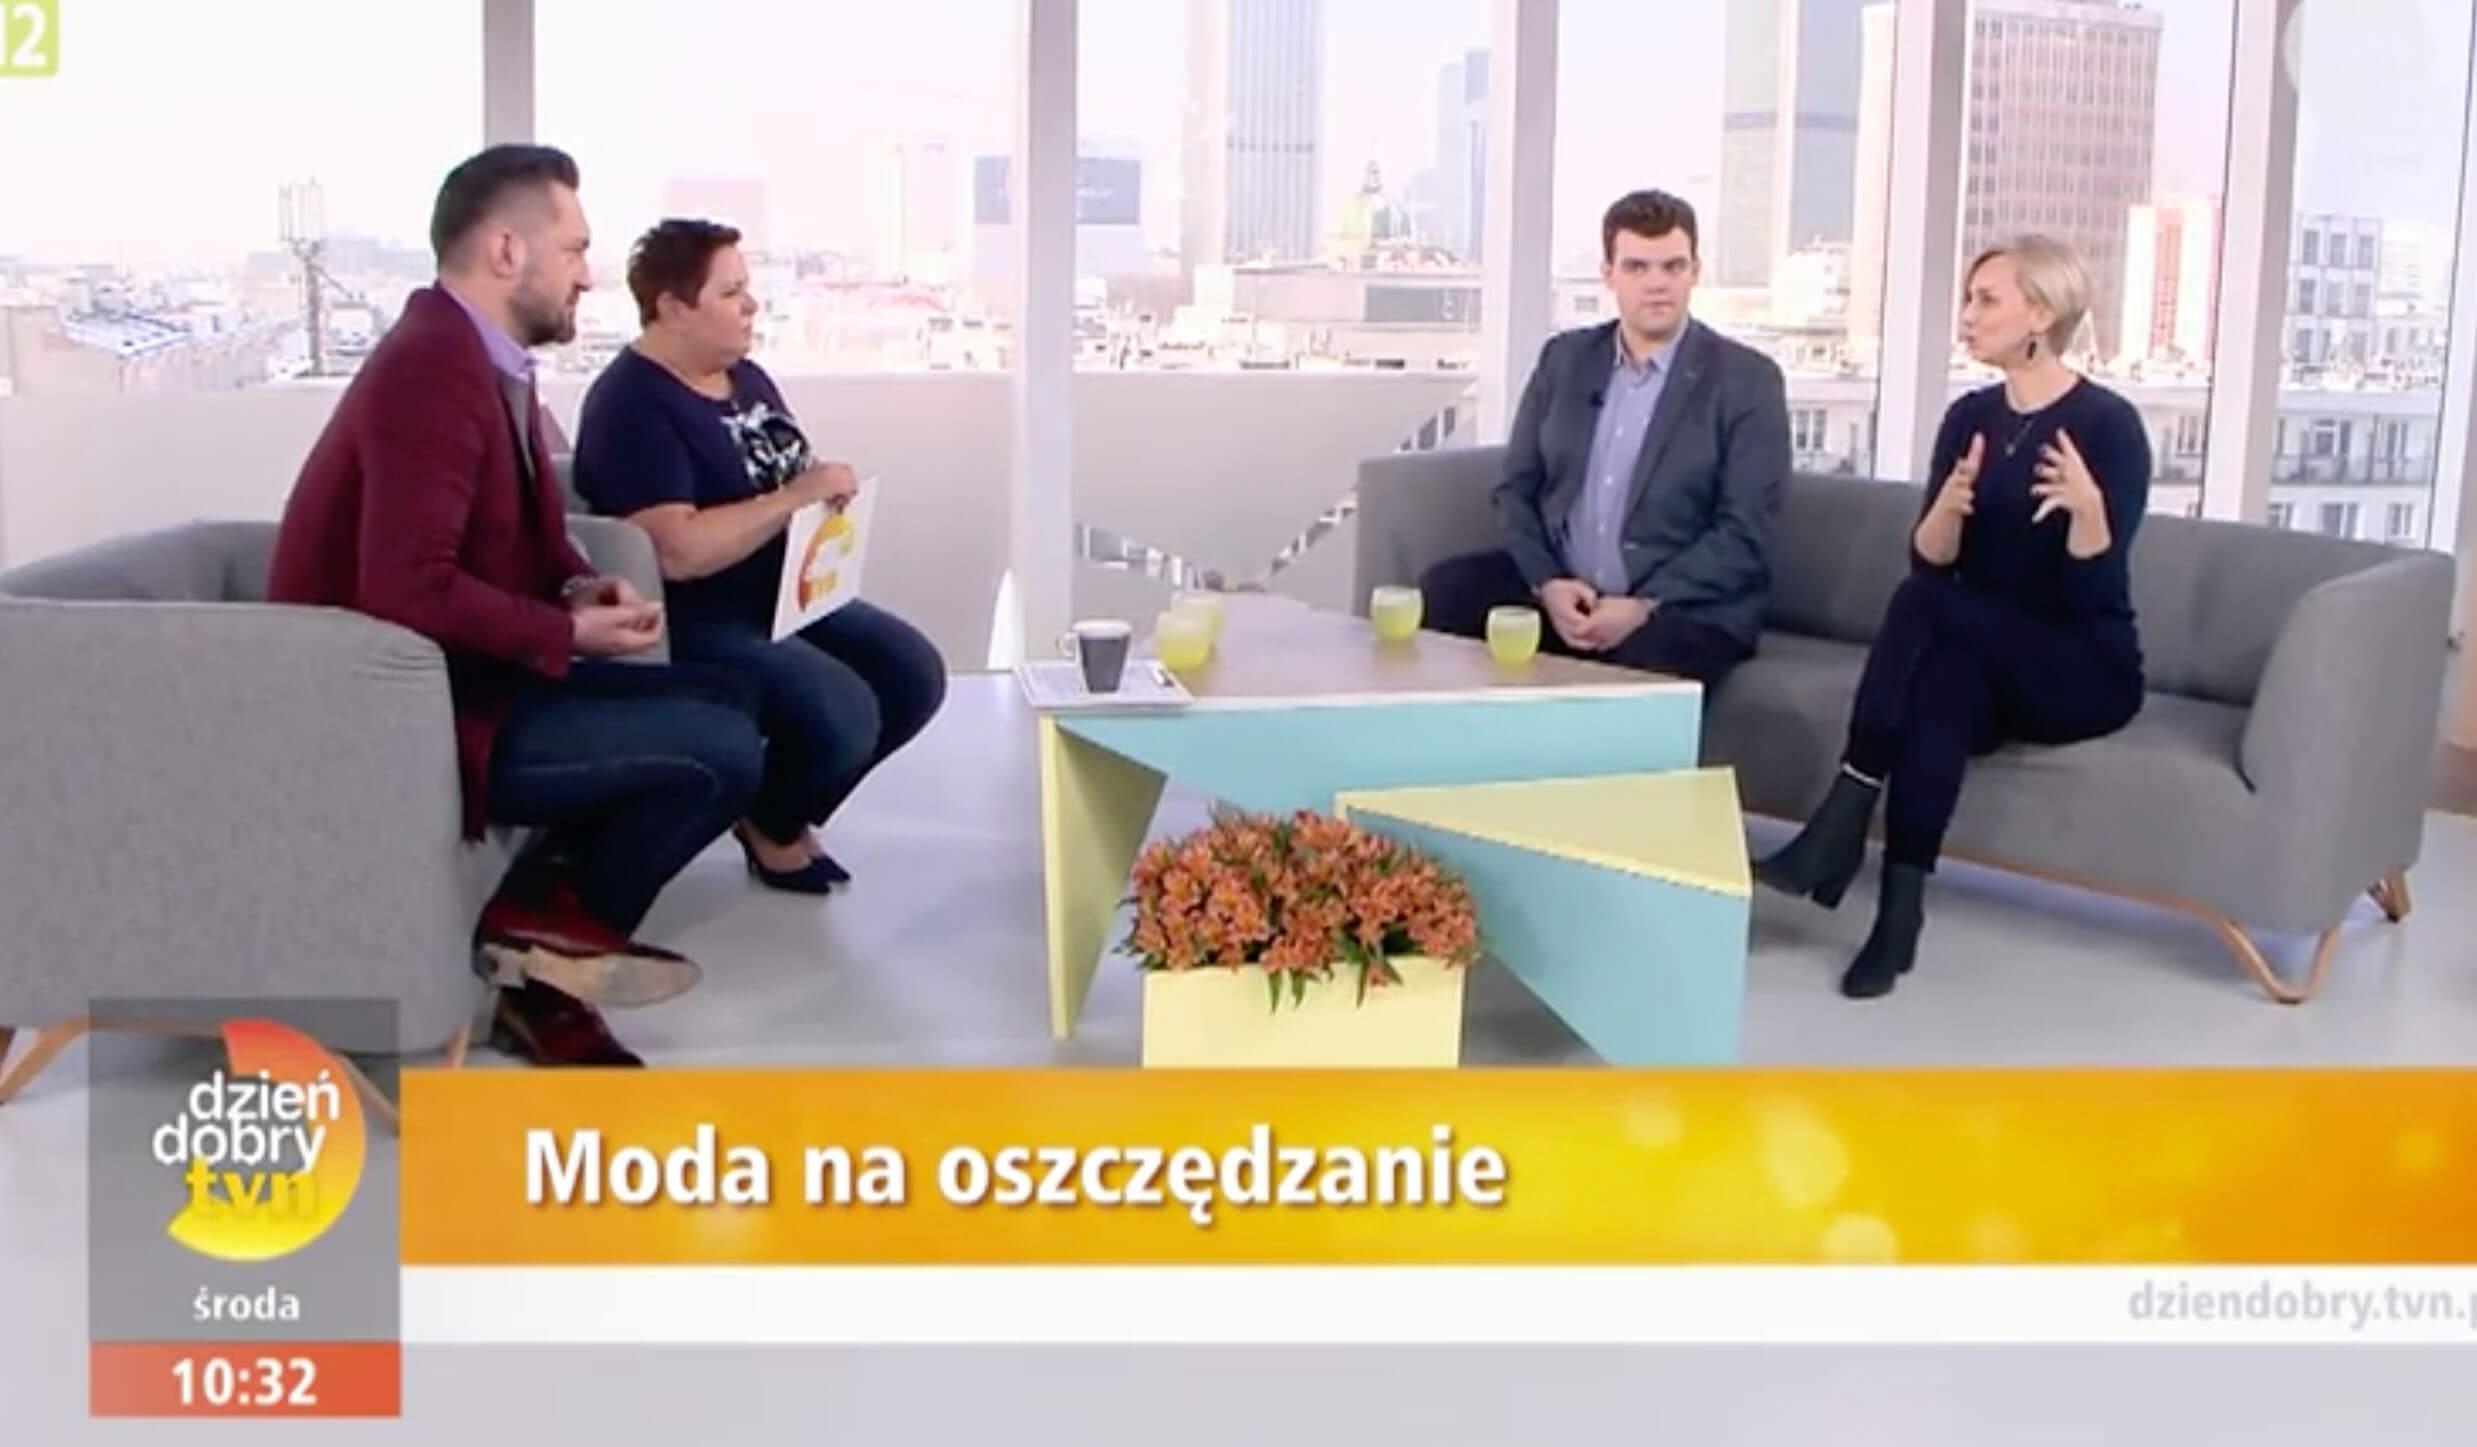 nadmierny konsumpcjonizm - Dzień Dobry TVN